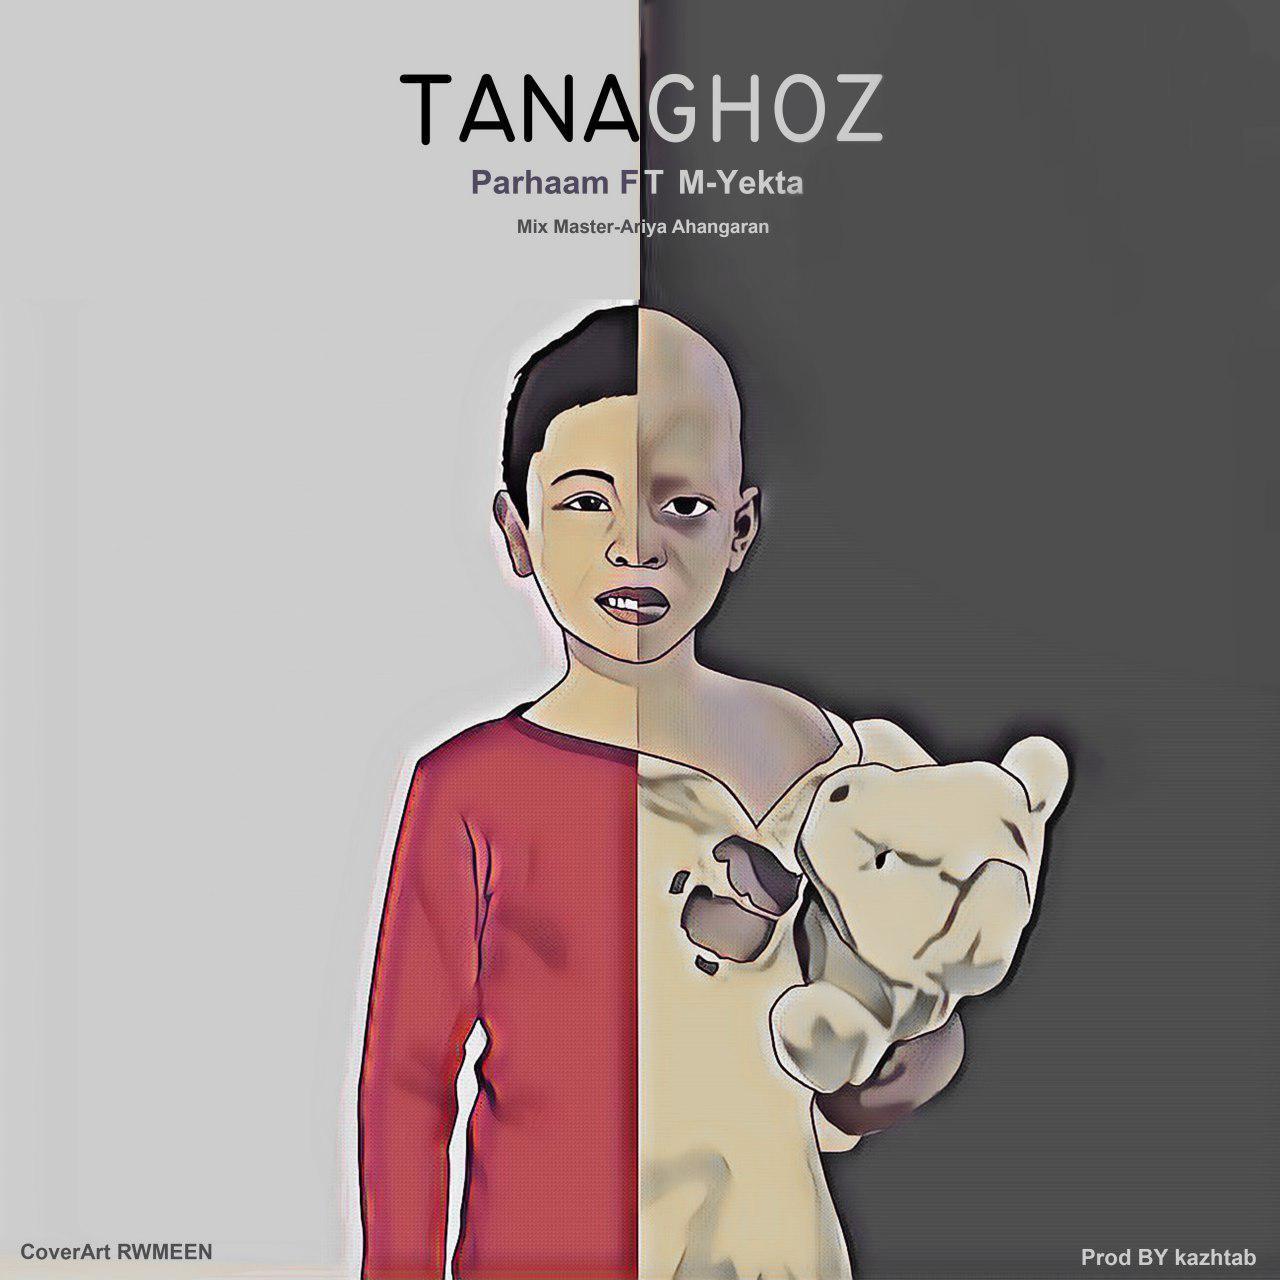 Tanaghoz (Ft Parham)